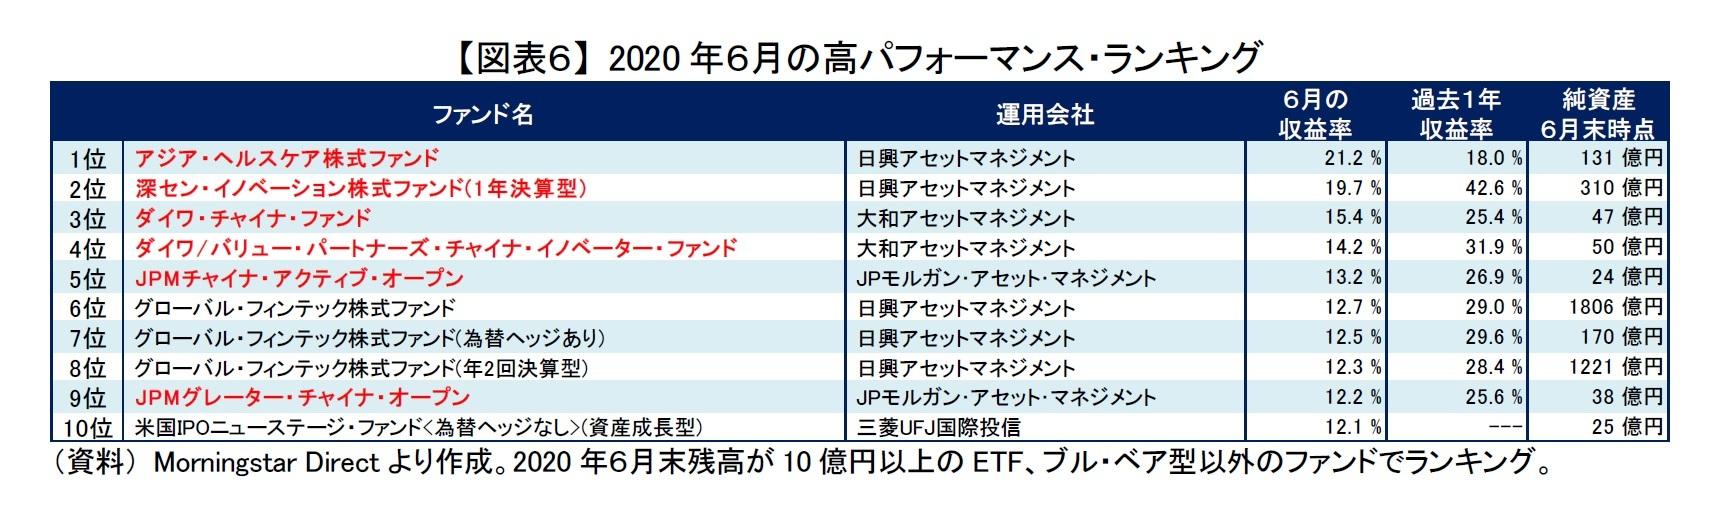 【図表6】 2020年6月の高パフォーマンス・ランキング